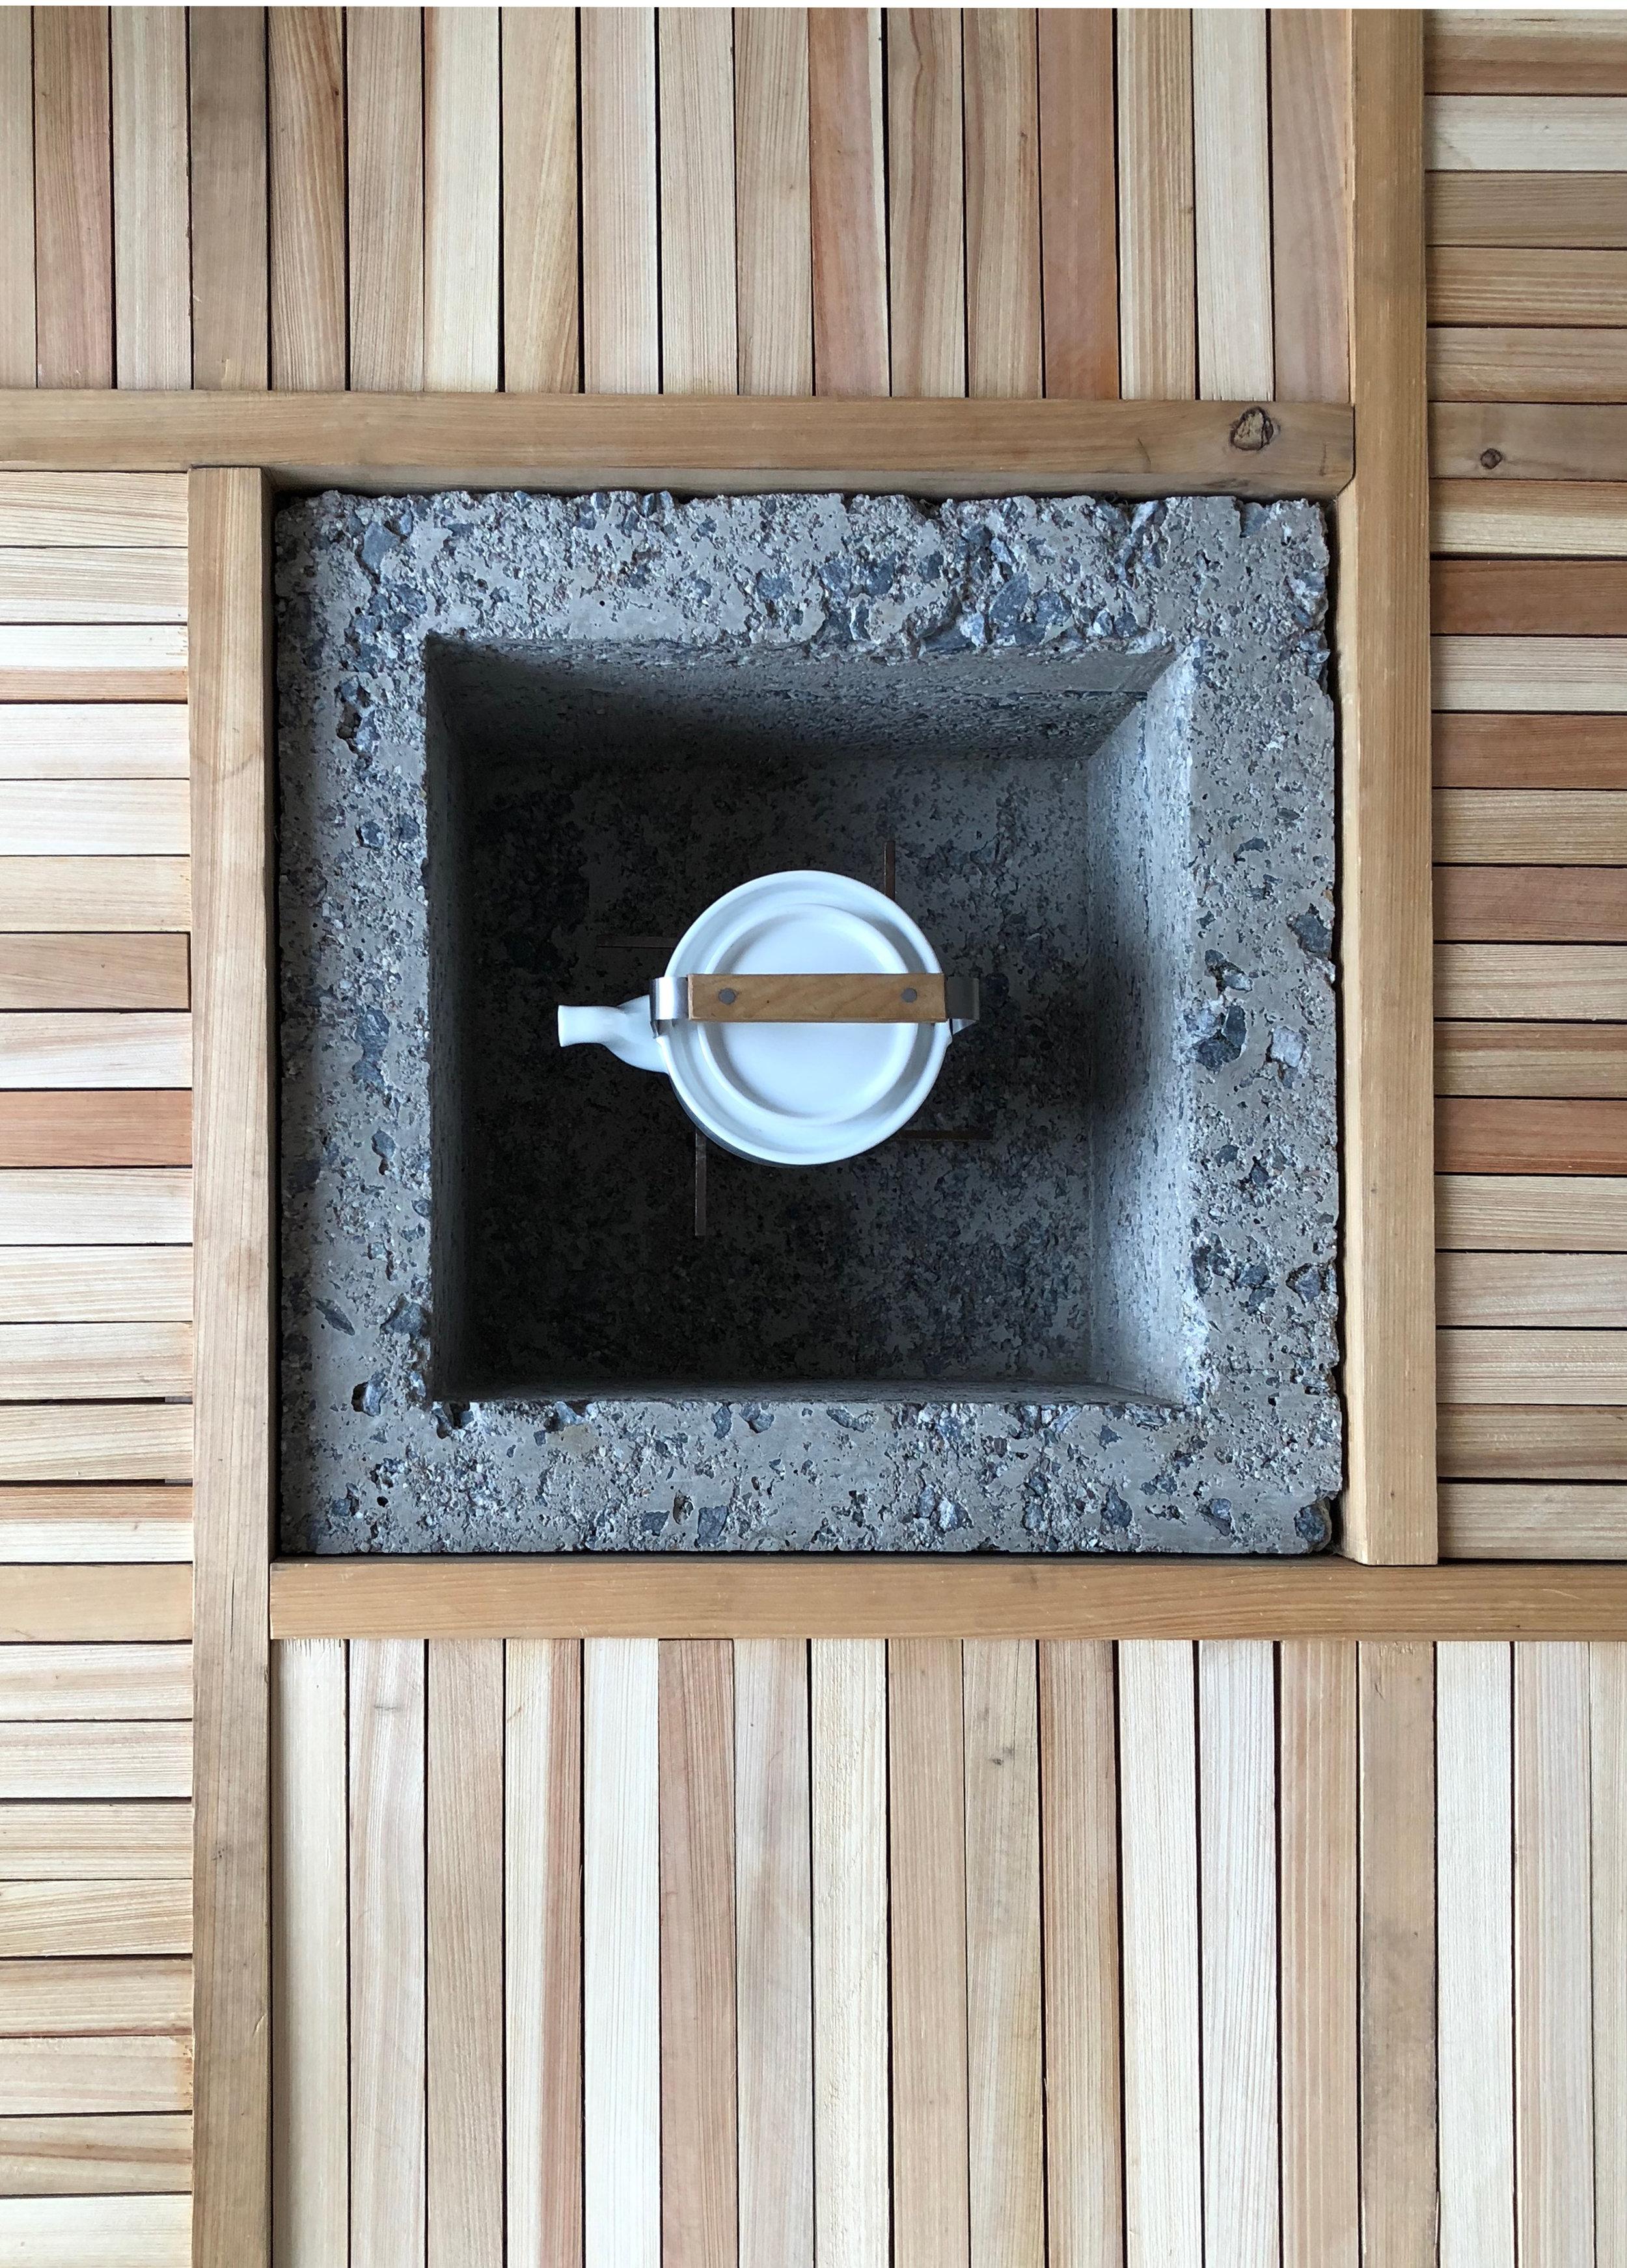 Y S D M teahouse 2018 - 8.jpg